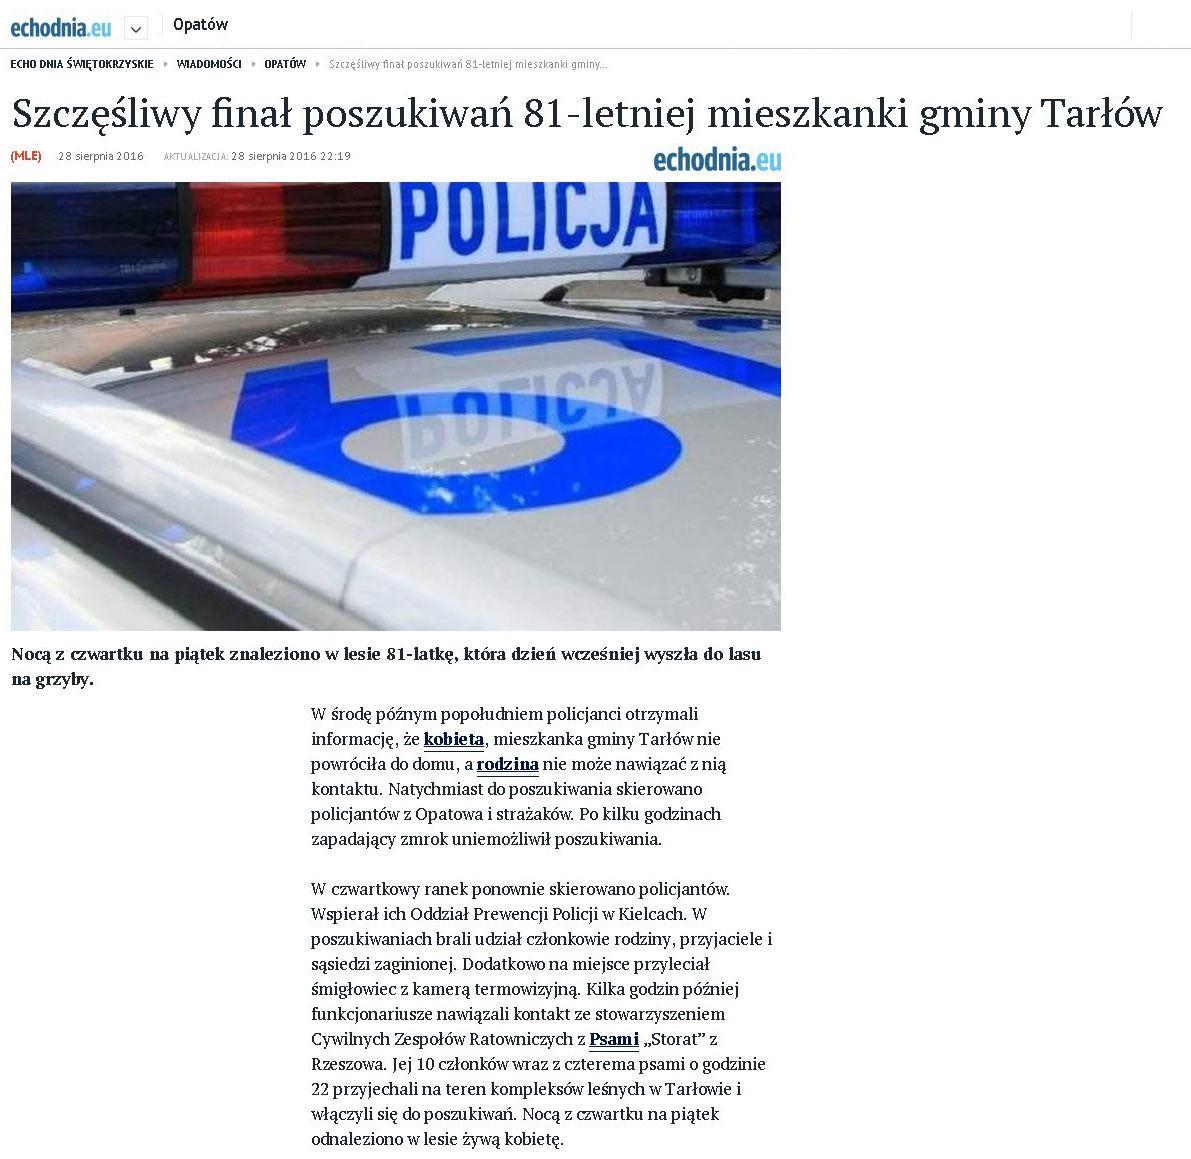 2016.08.28._szczesliwy.final.poszukiwan.81-letniej.mieszkanki.gminy.Tarlow